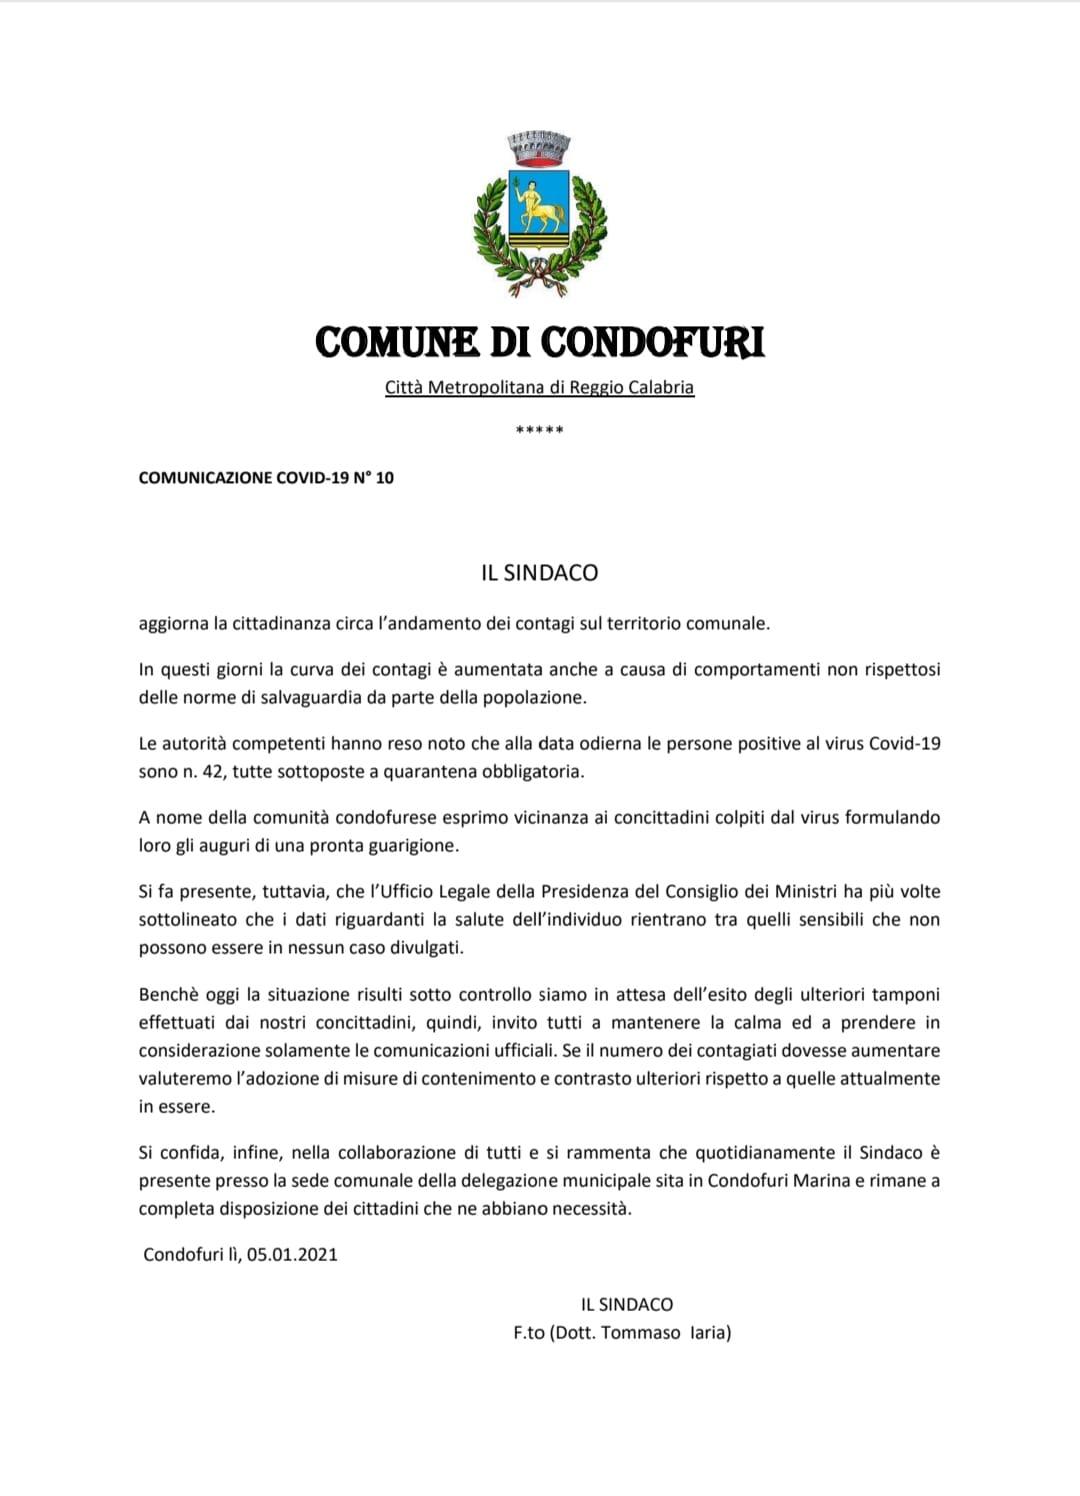 coronavirus condofuri marina